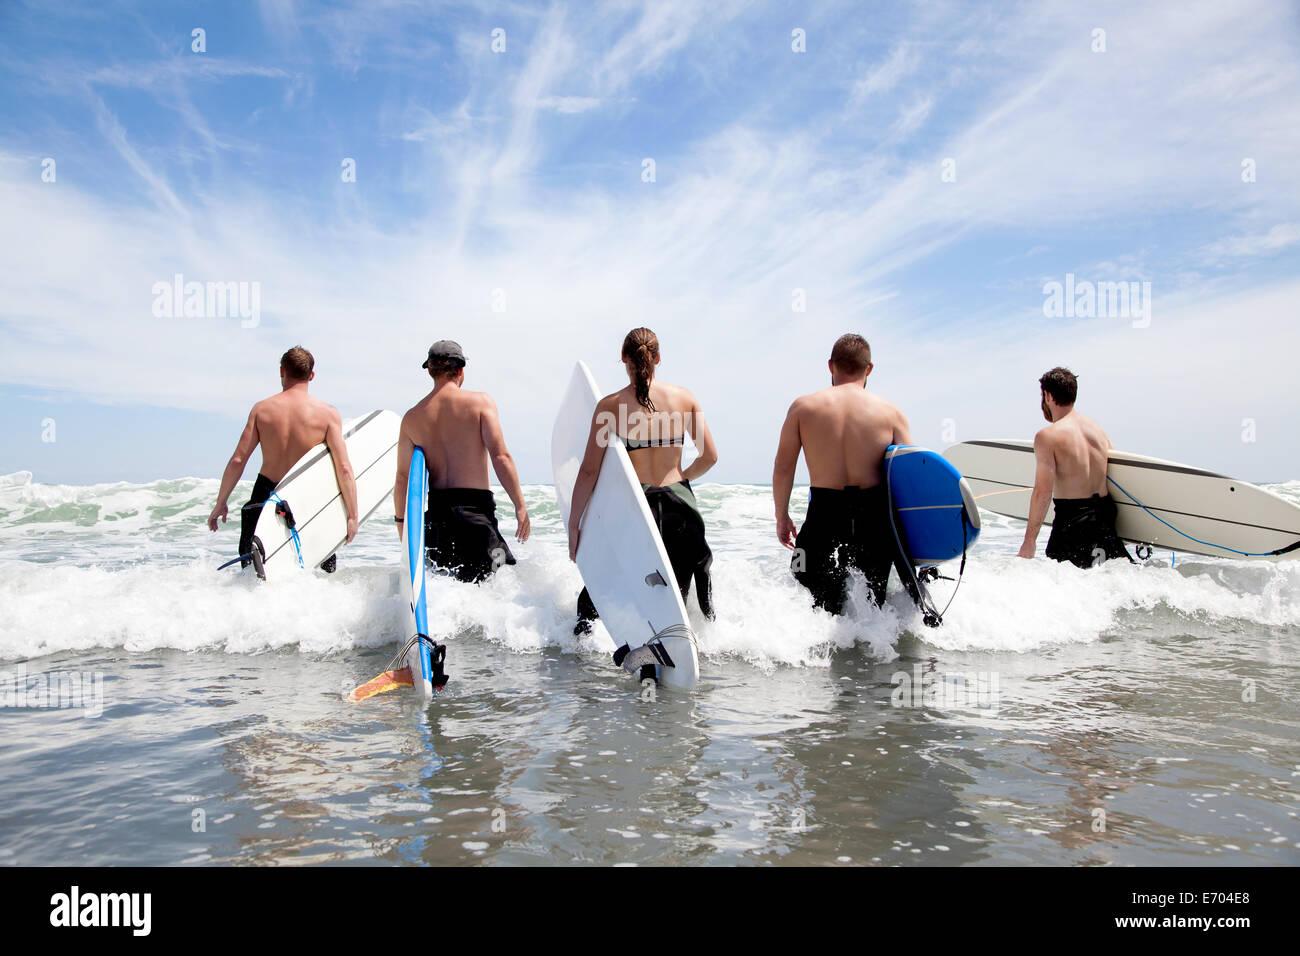 Vista posteriore di un gruppo di maschio e femmina surfer amici wading in mare con tavole da surf Immagini Stock